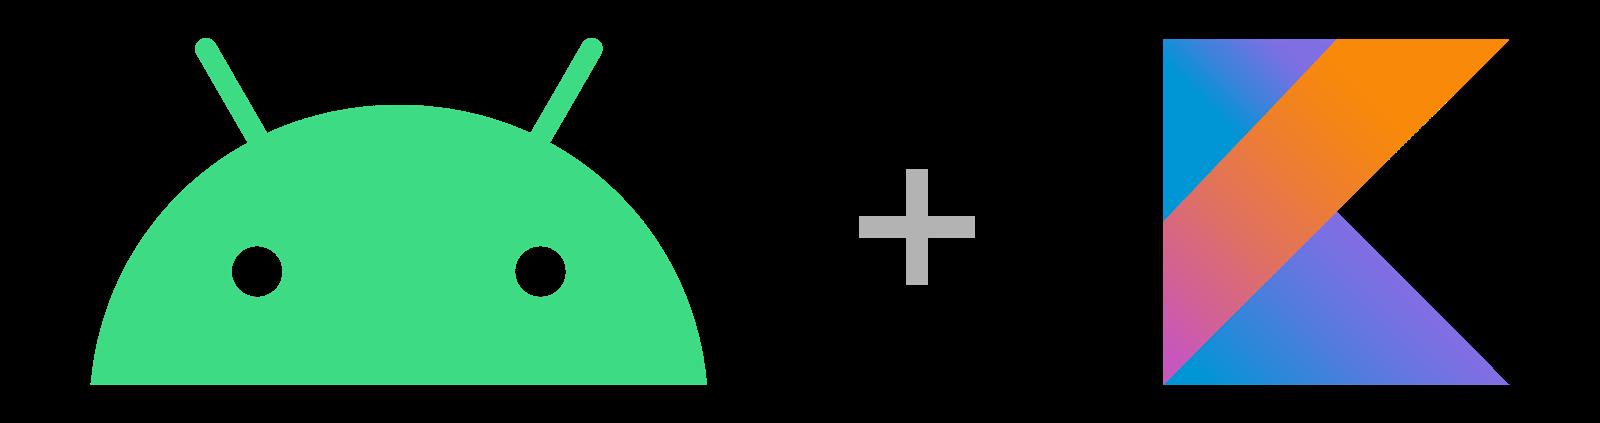 android and kotlin logos